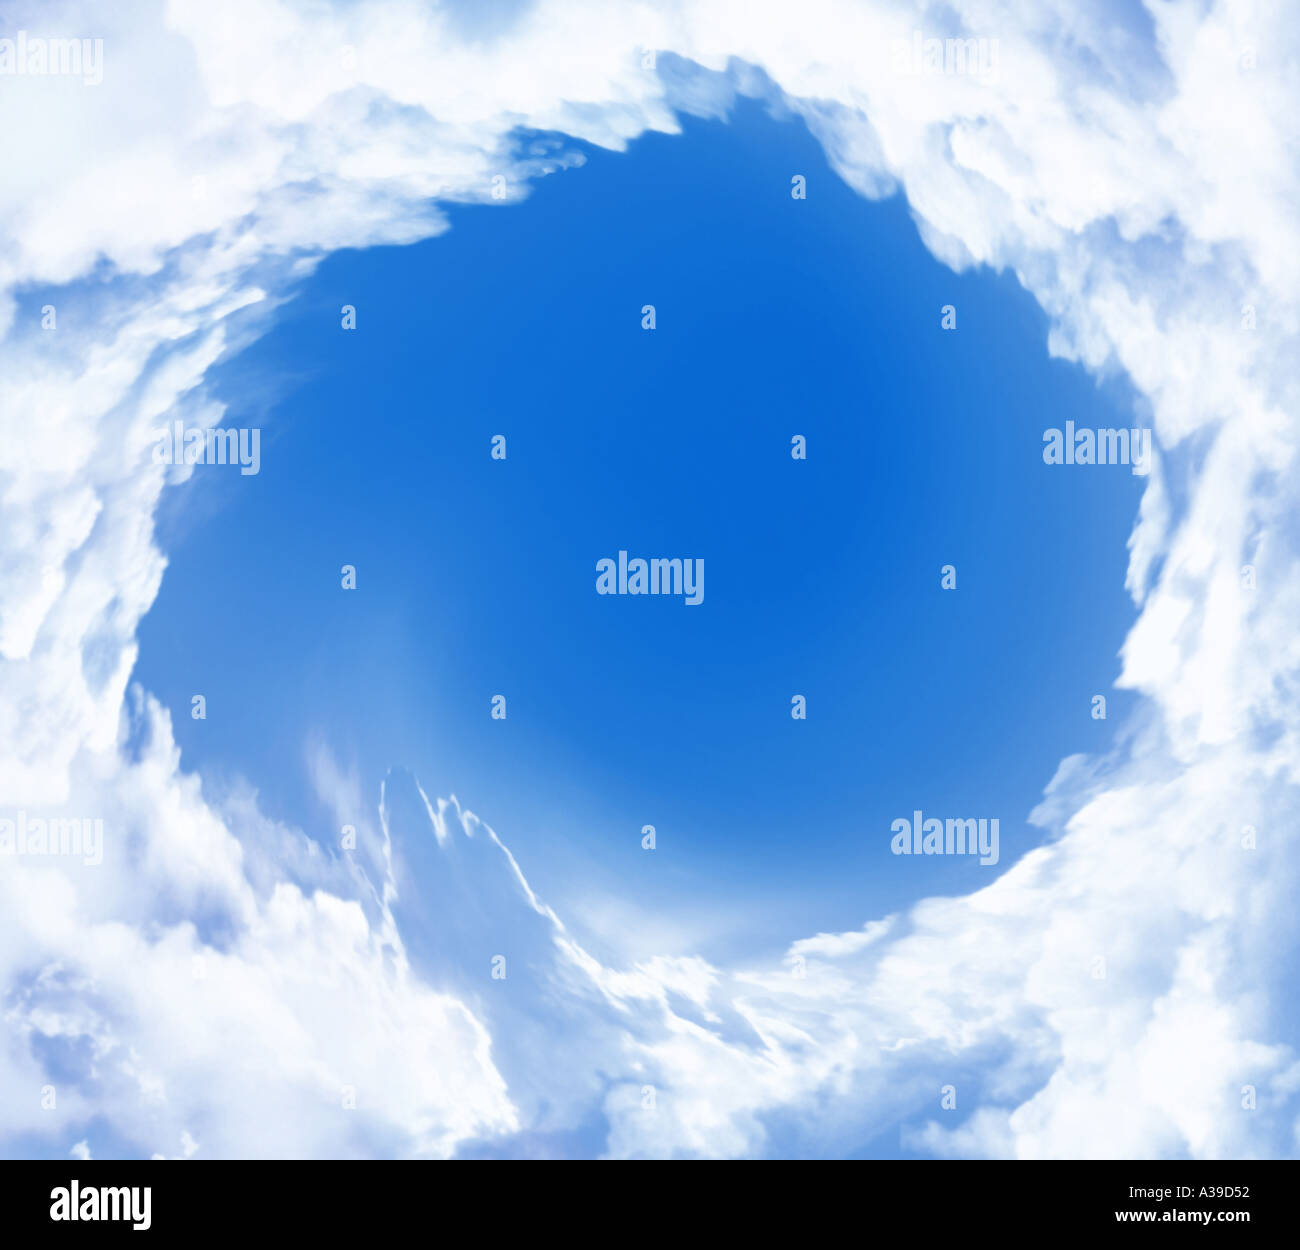 Energiewirbel aus Wolken Auge des Hurrikans Stockbild